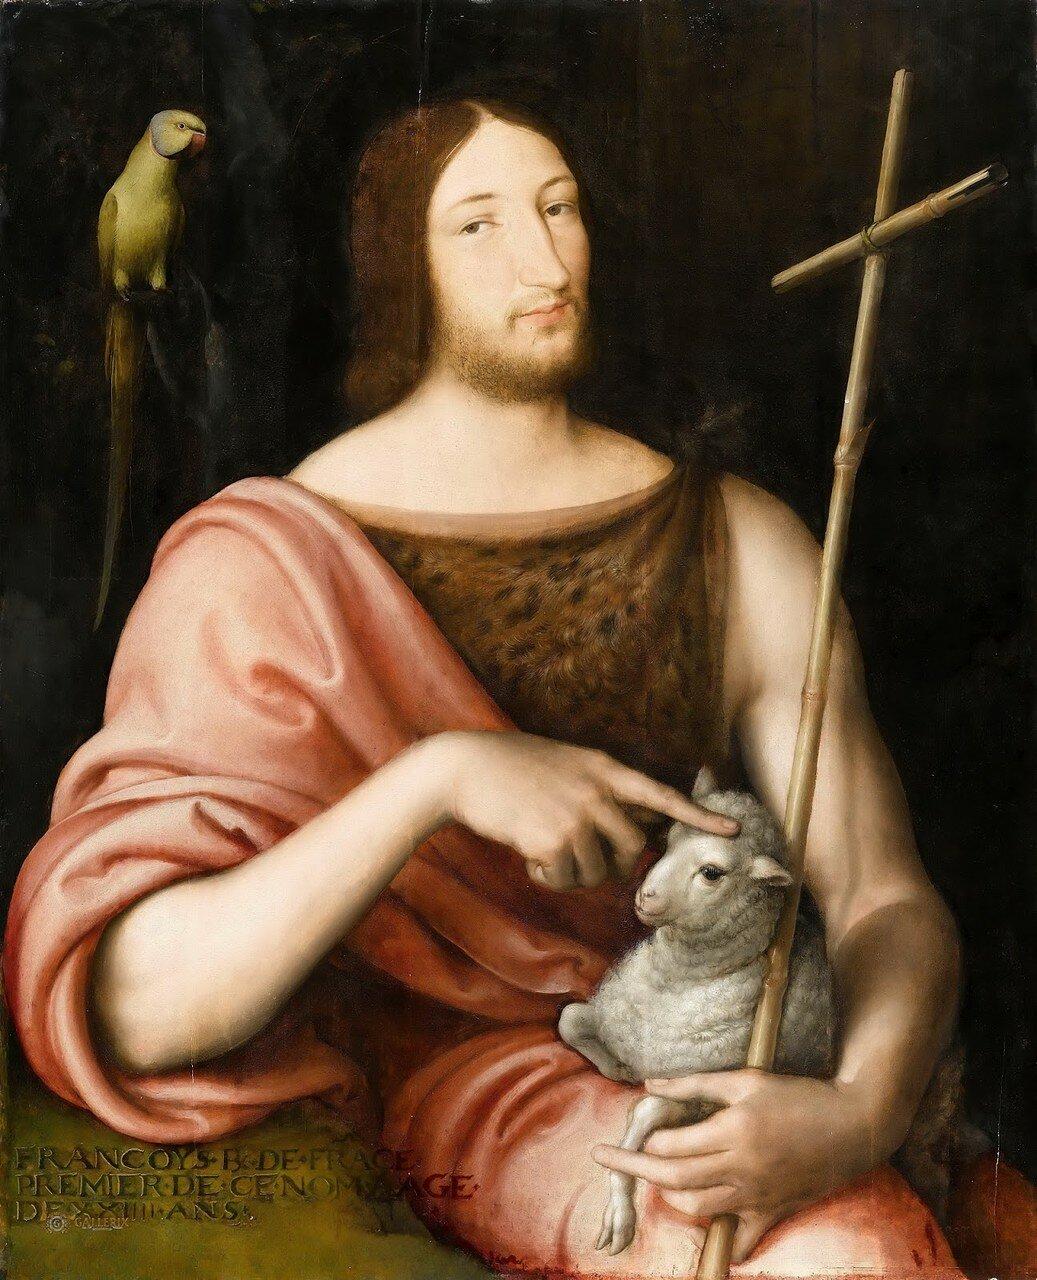 Король Франции Франциск I в образе Иоанна Крестителя_1518_96 х 79_д.,м._Париж, Лувр.jpg